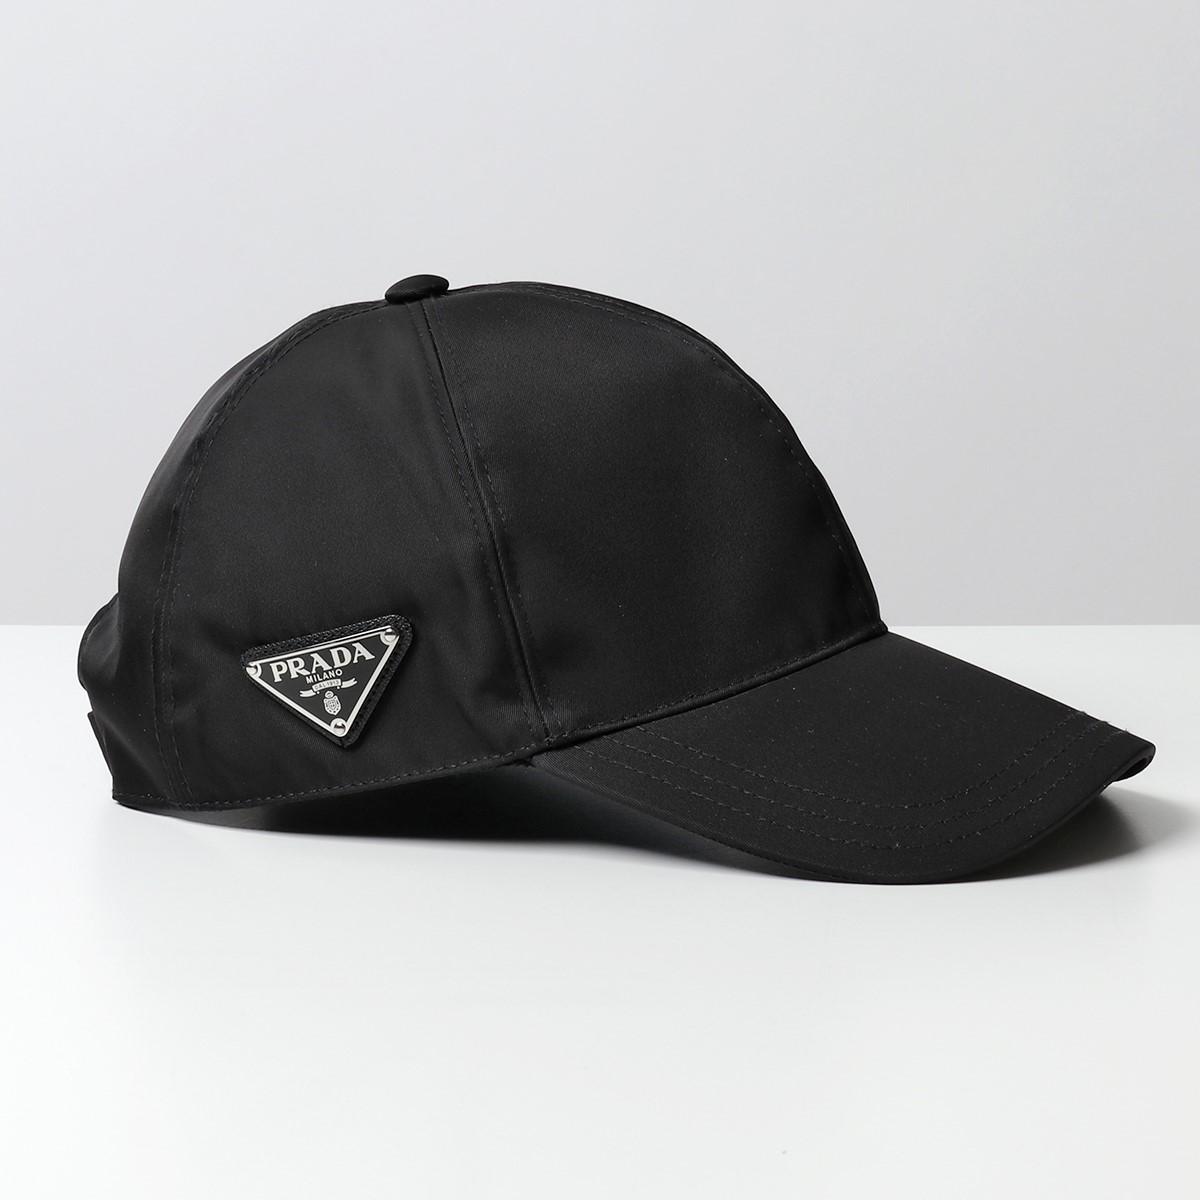 PRADA プラダ 2HC274 2B15 F0002 ナイロン ベースボールキャップ 帽子 三角ロゴ金具プレート NERO ユニセックス メンズ